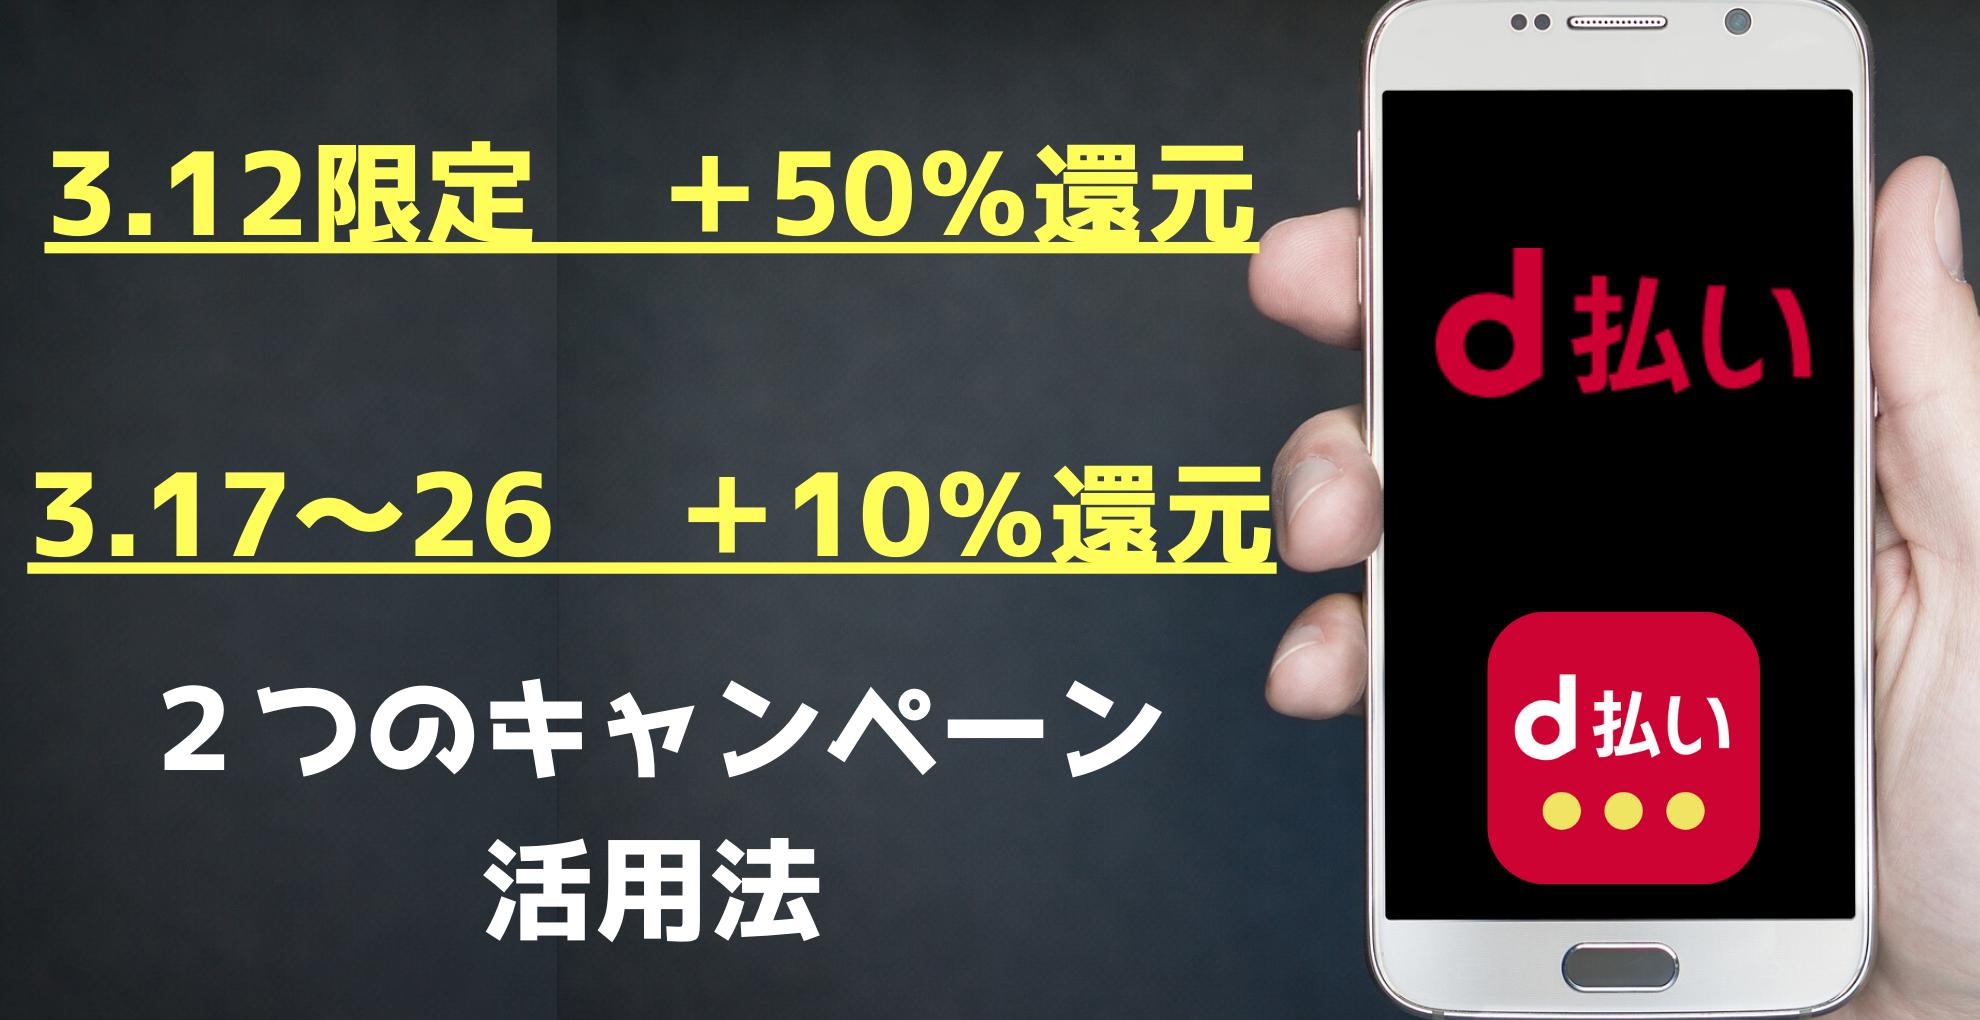 【d払い】3.12 +50%還元 3.17〜26 +10%還元 2つのキャンペーン活用法